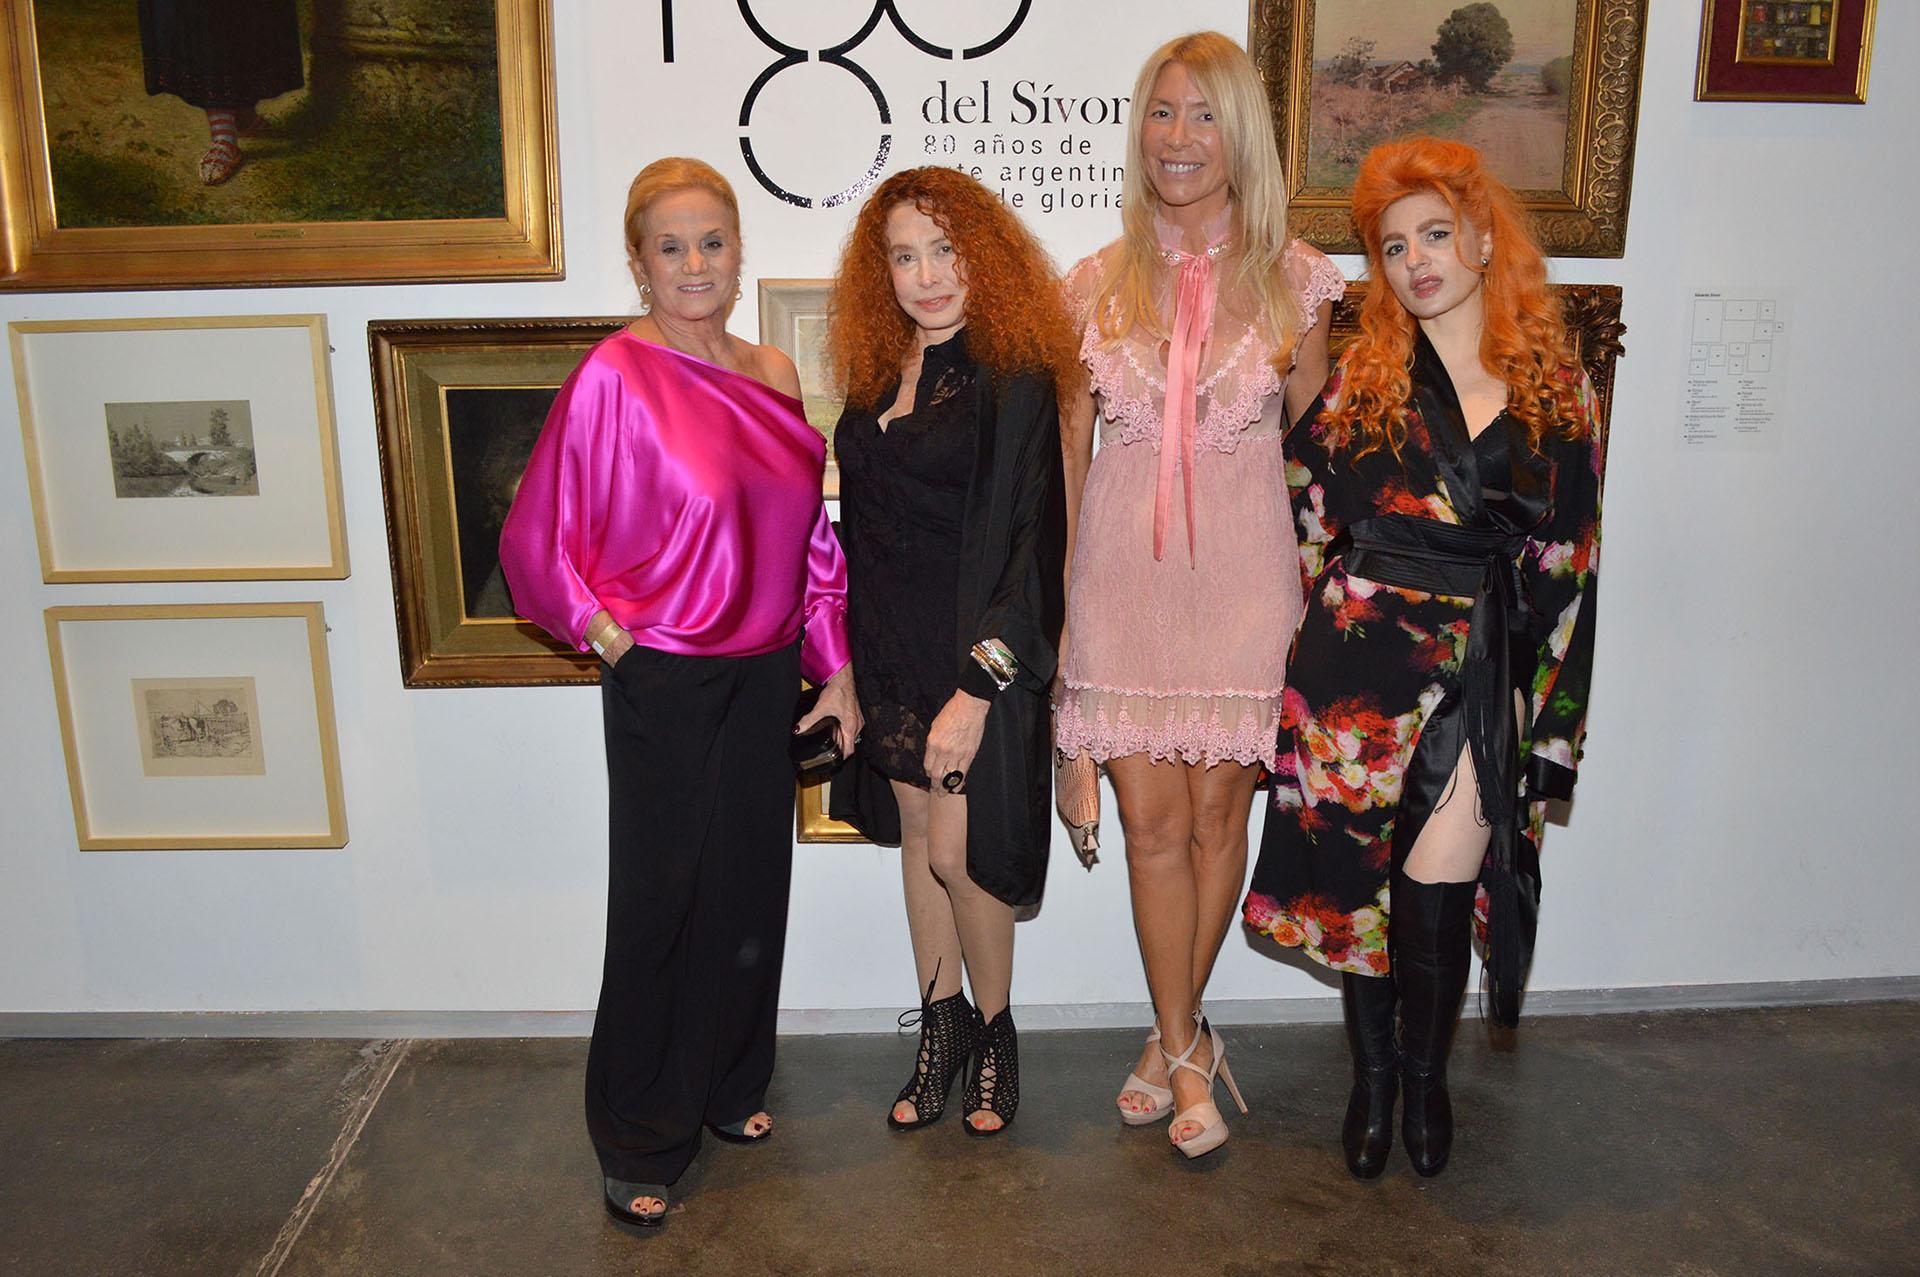 Elsa Serrano, Maureene Dinar, Susana Clur y Verónica De la Canal